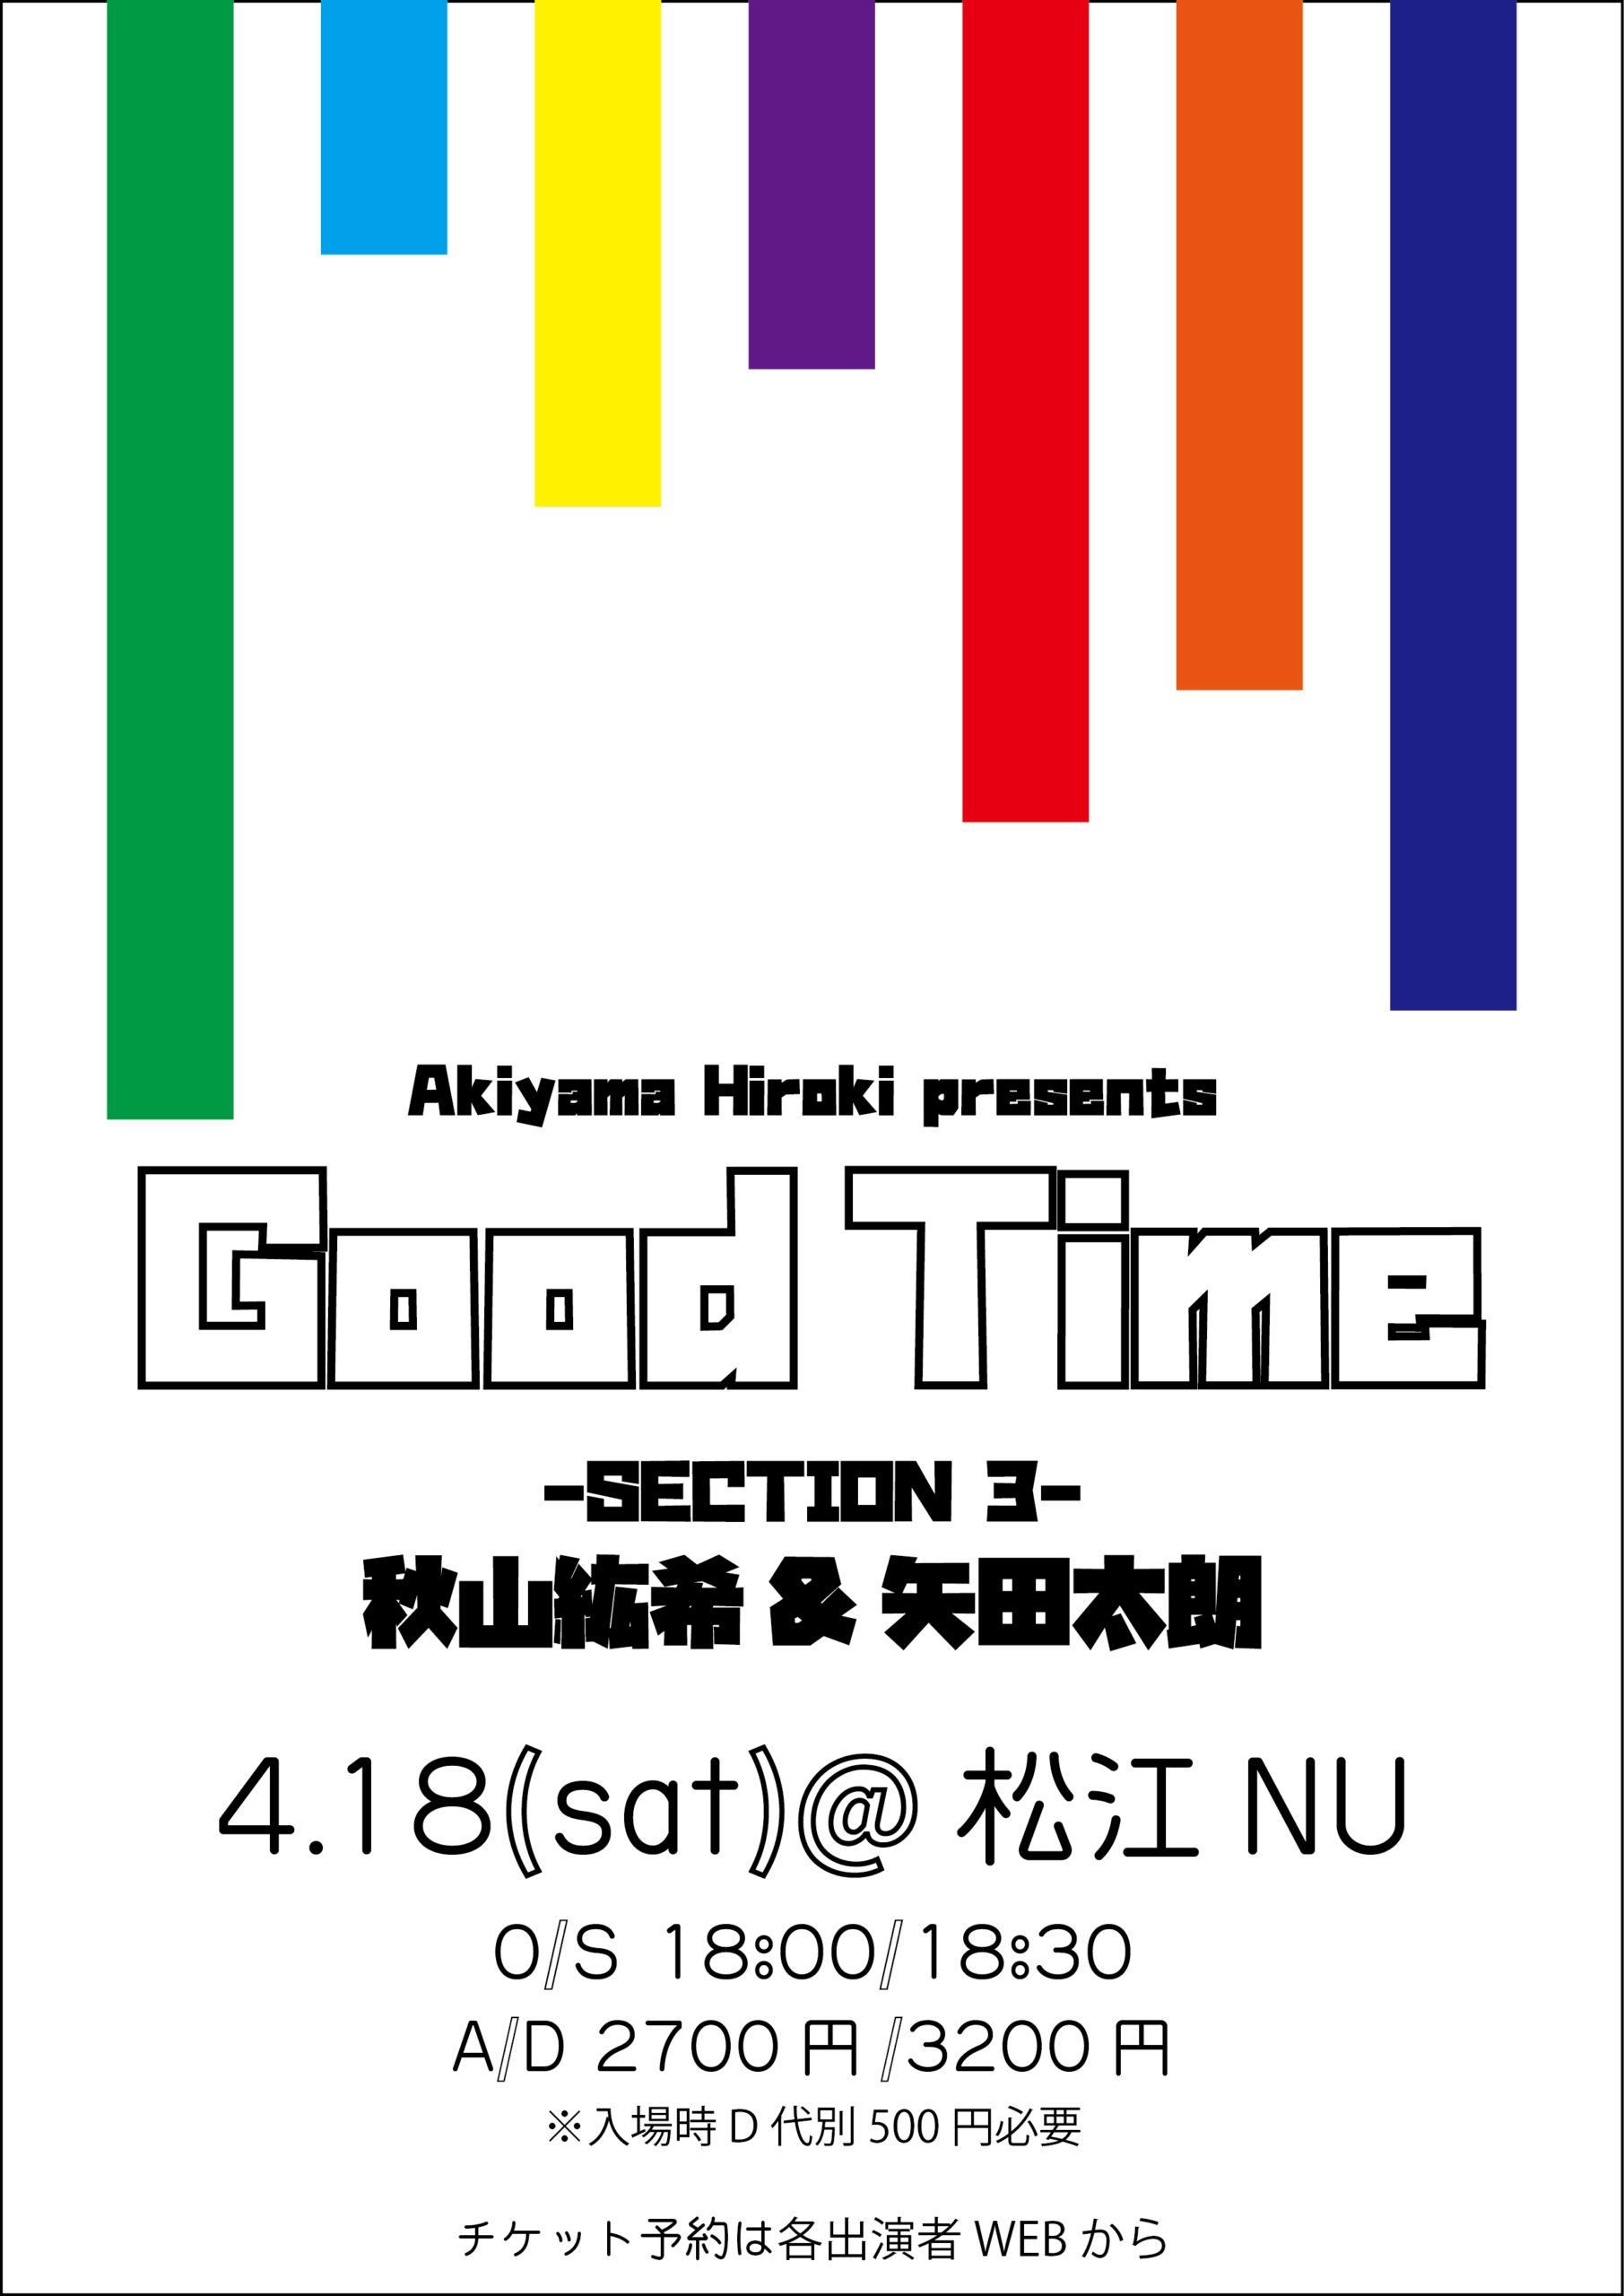 2020年4月18日(土)Good Time - section3 - @ 松江NU